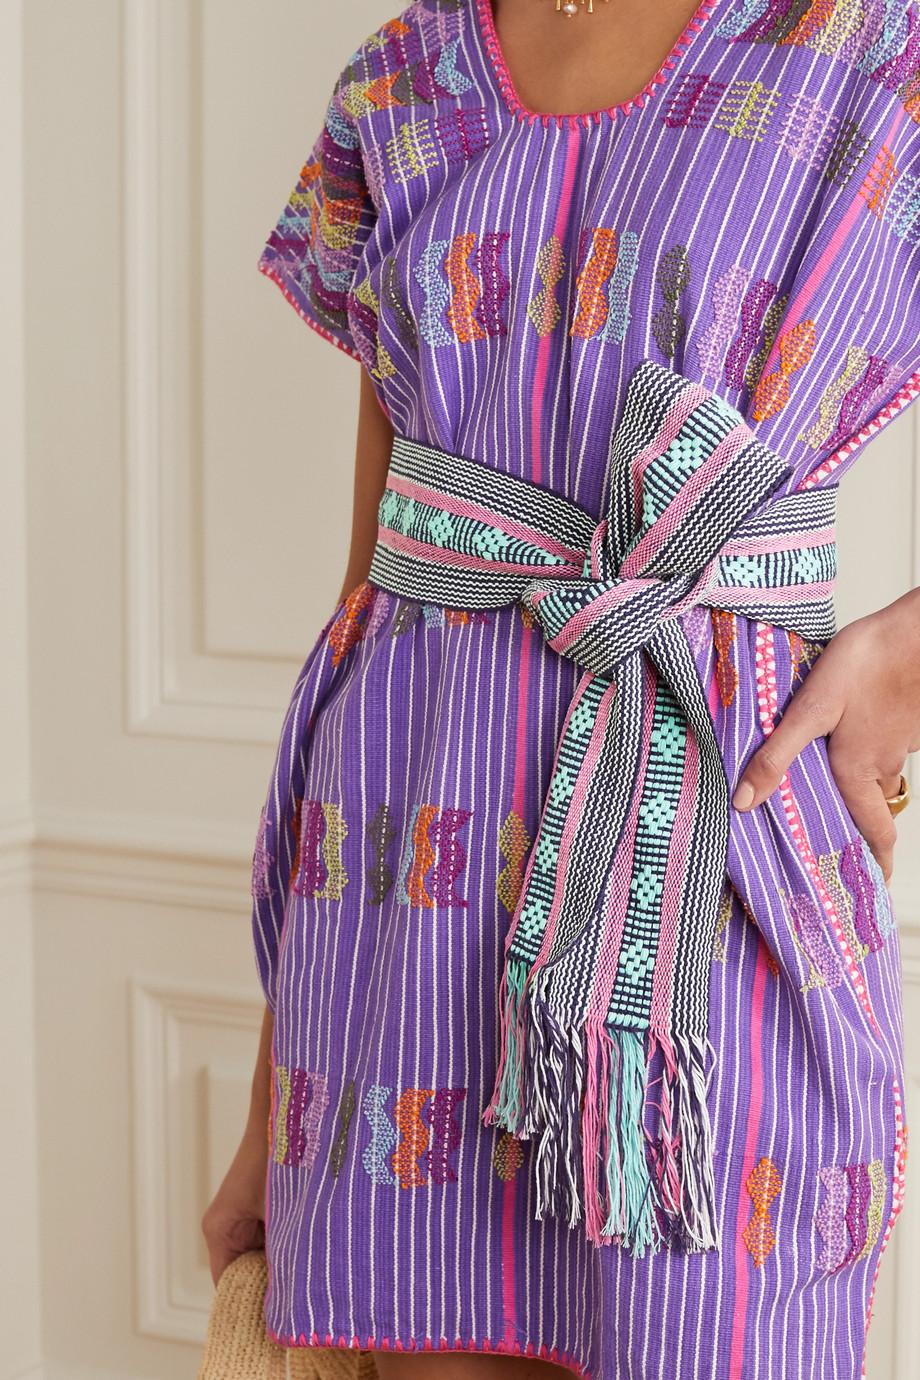 Pippa Holt Woven cotton belt